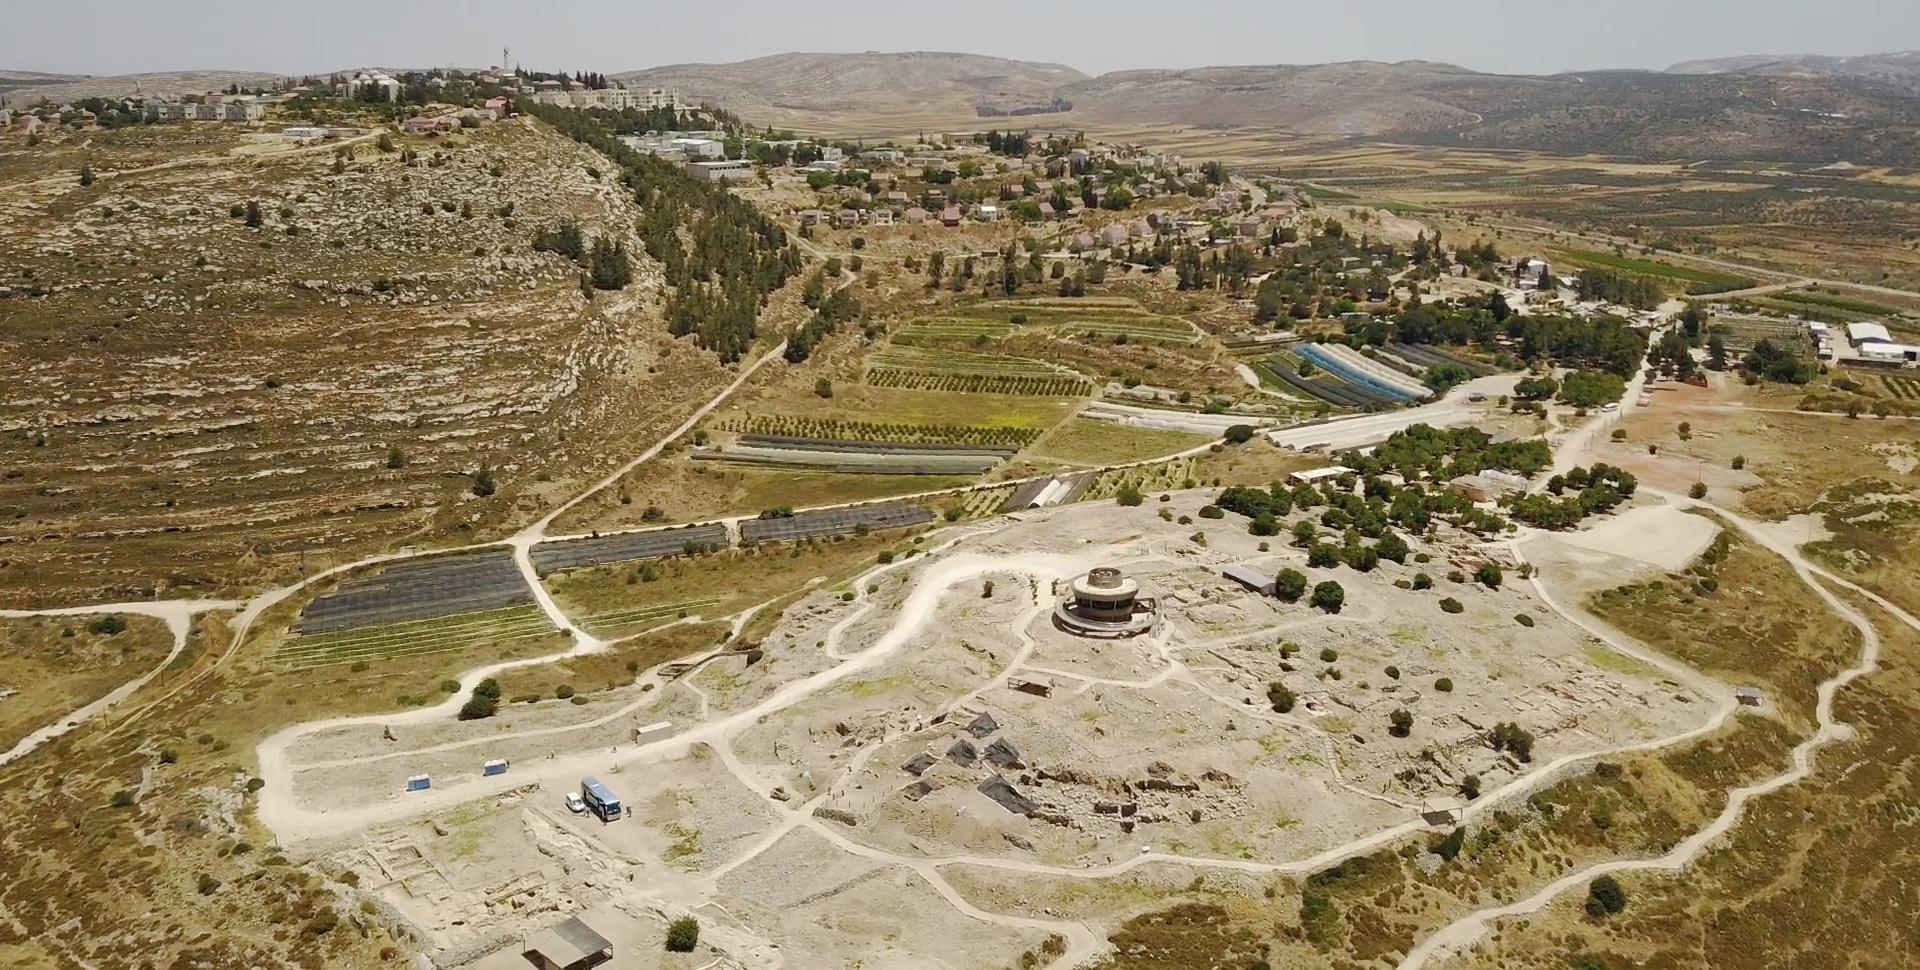 上图:示罗考古挖掘现场Tel Shiloh。在整个士师时代,会幕和约柜大部分时间都在示罗。